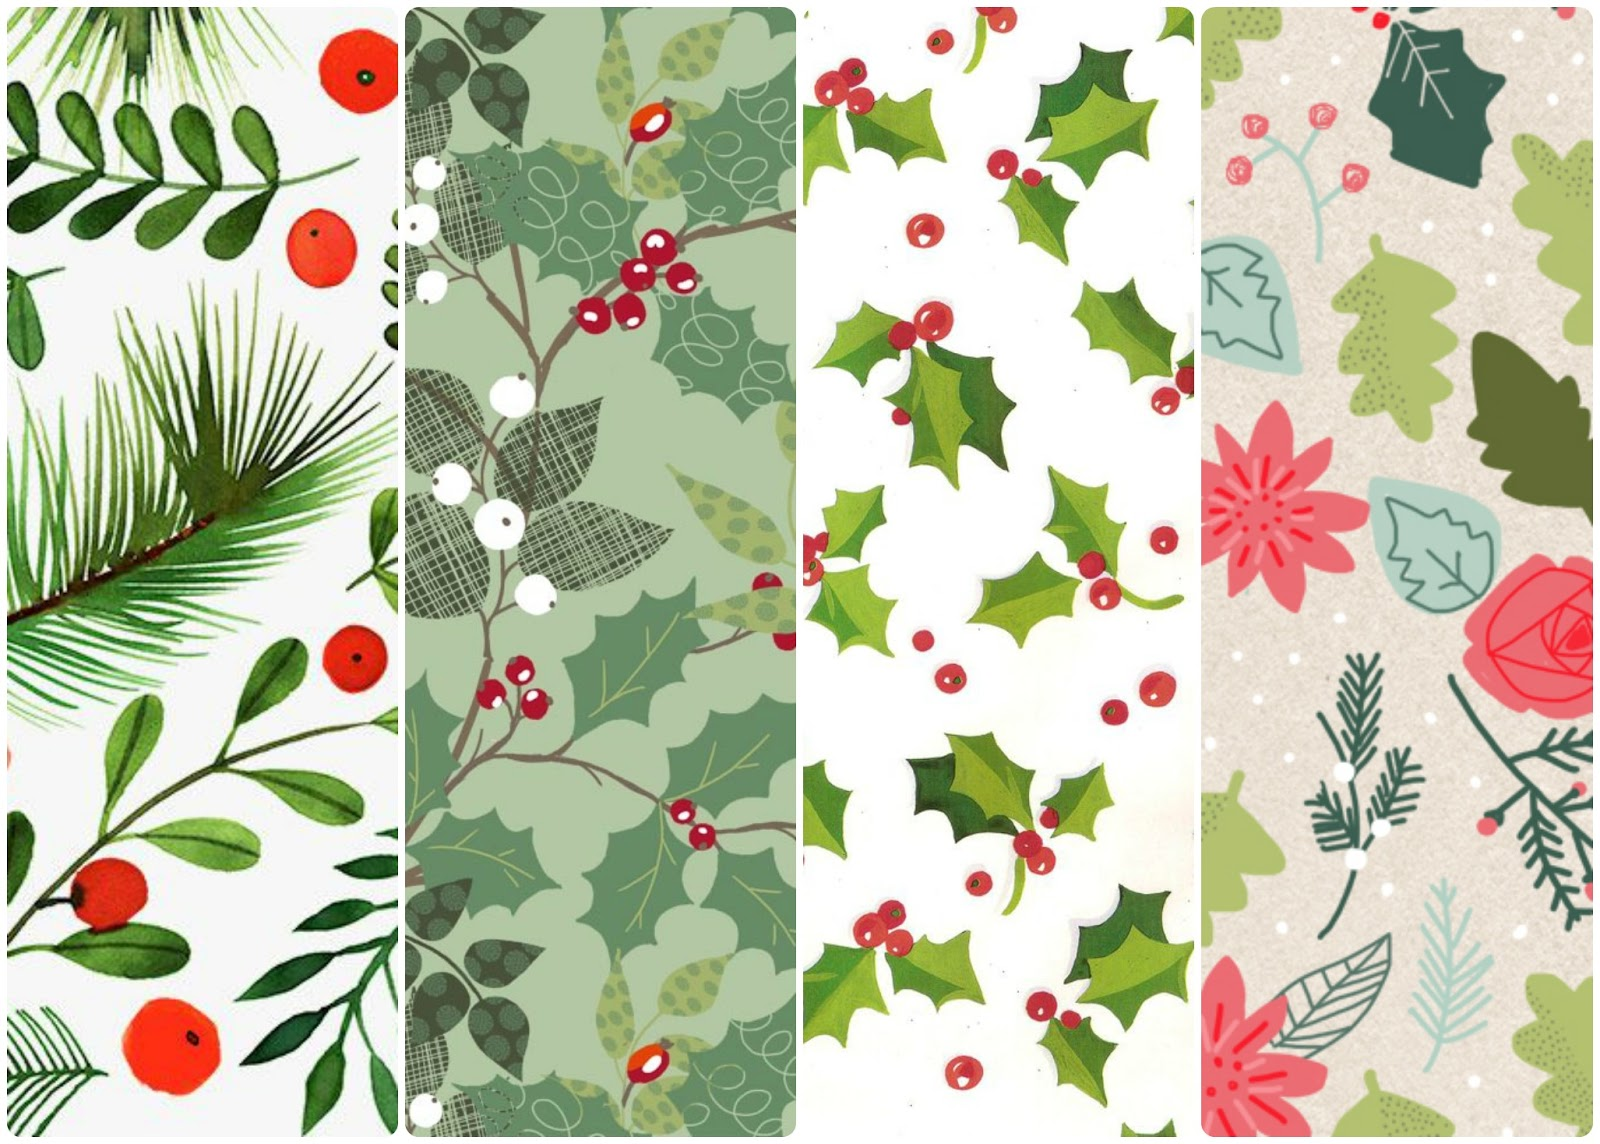 Fondos Para Pantallas De Grinch Para Navidad: Imagenes Para Fondo De Pantalla De Navidad